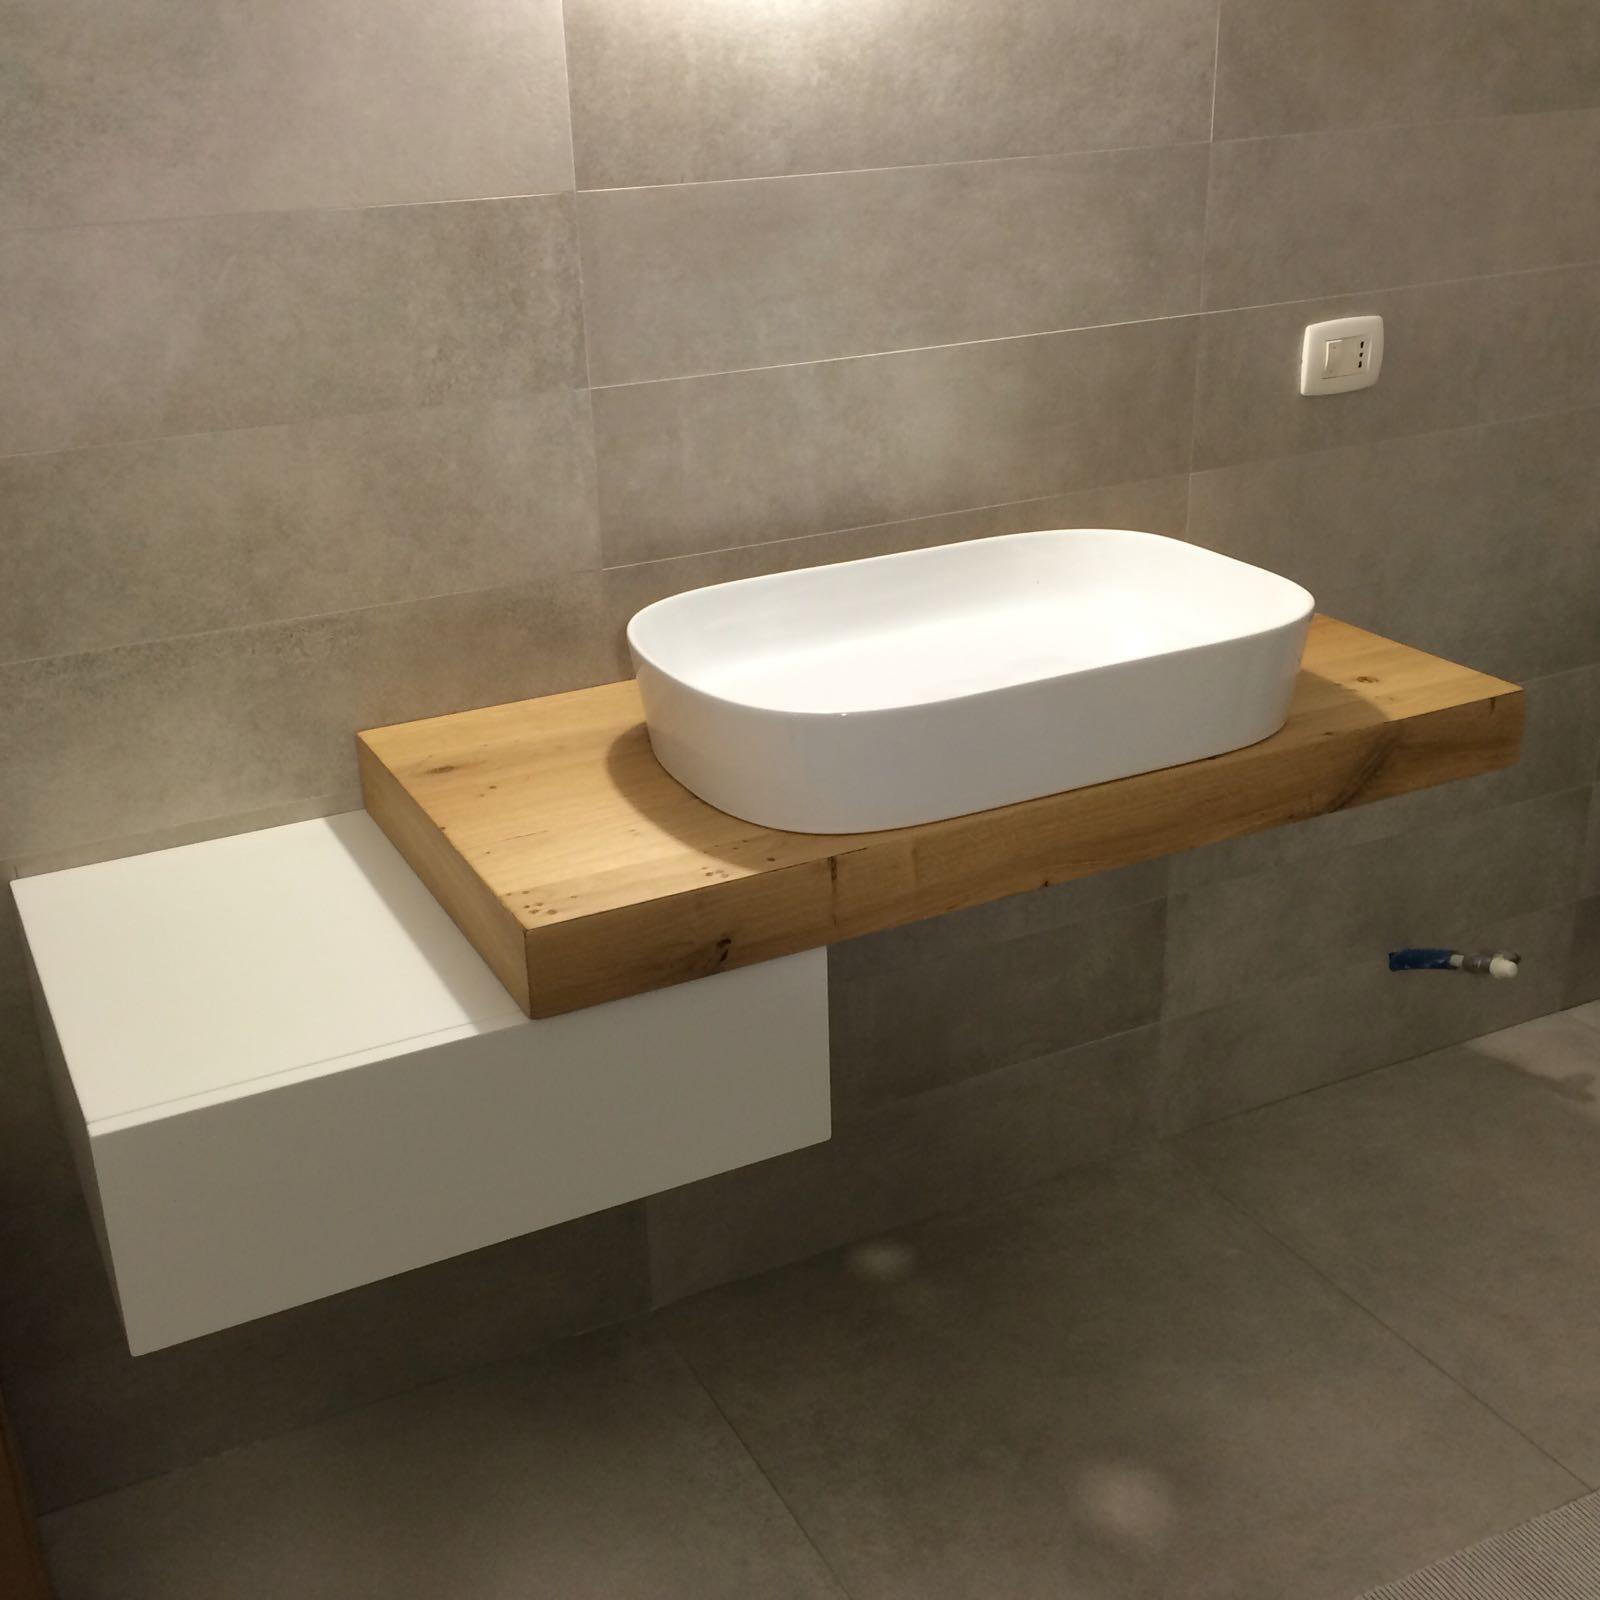 Mobile per bagno in legno a Savona.